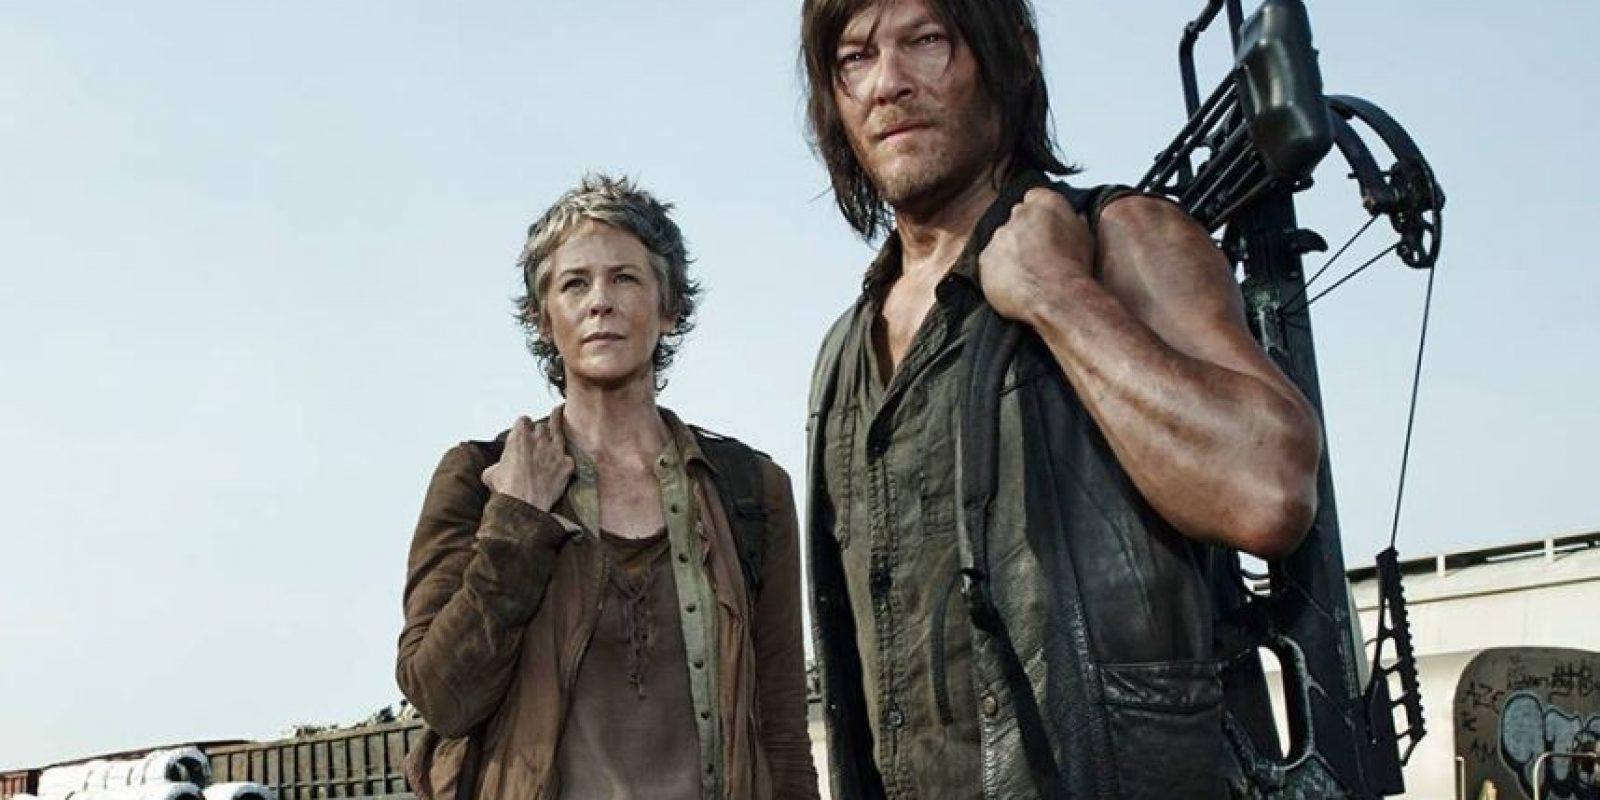 El estreno de la primera temporada fue visto por más de 5.3 millones de personas, número que ascendió a 16.1 millones de televidentes en el estreno de la cuarta Foto:AMC